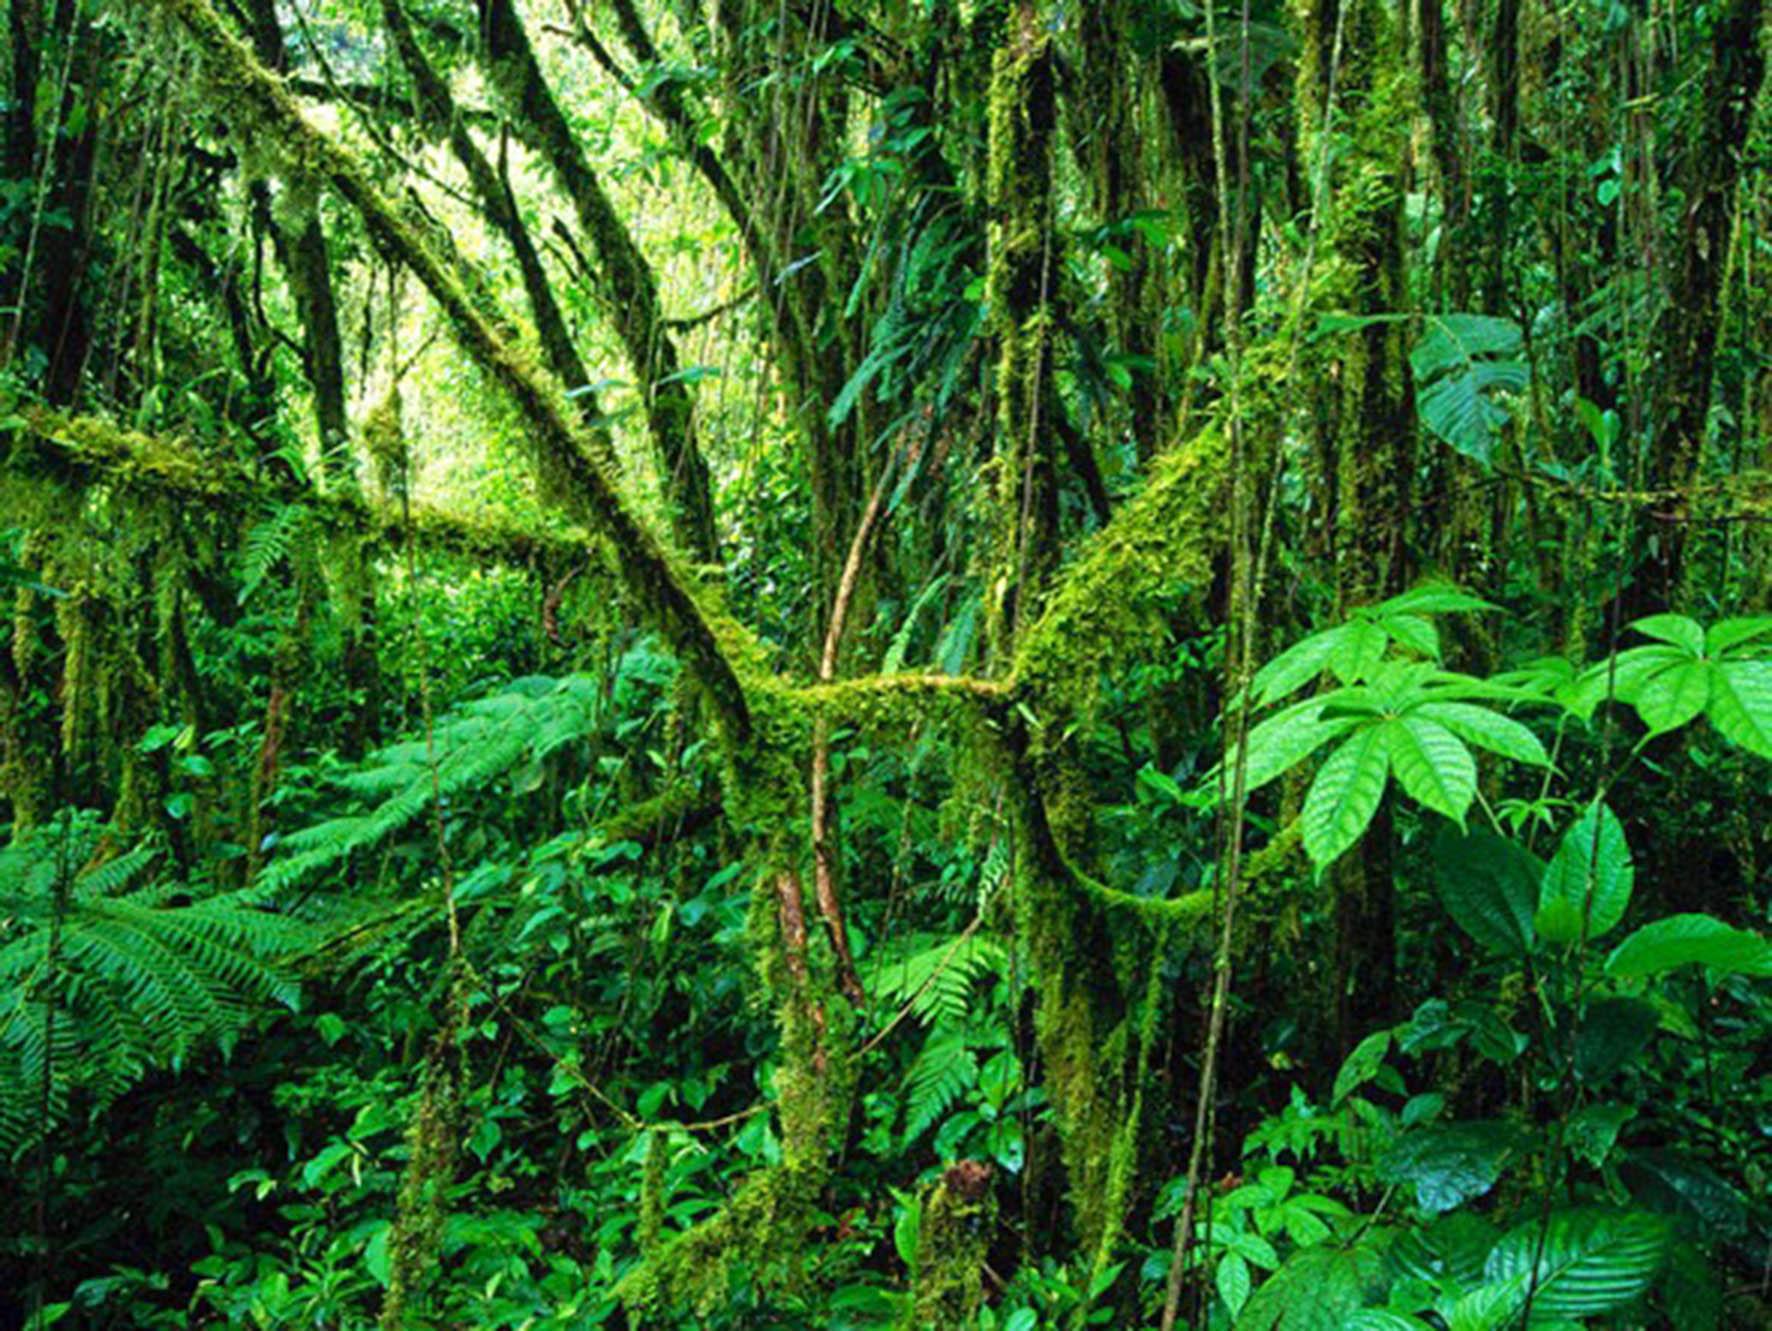 Las selvas tropicales jóvenes ayudan a mitigar el cambio climático-UNAM